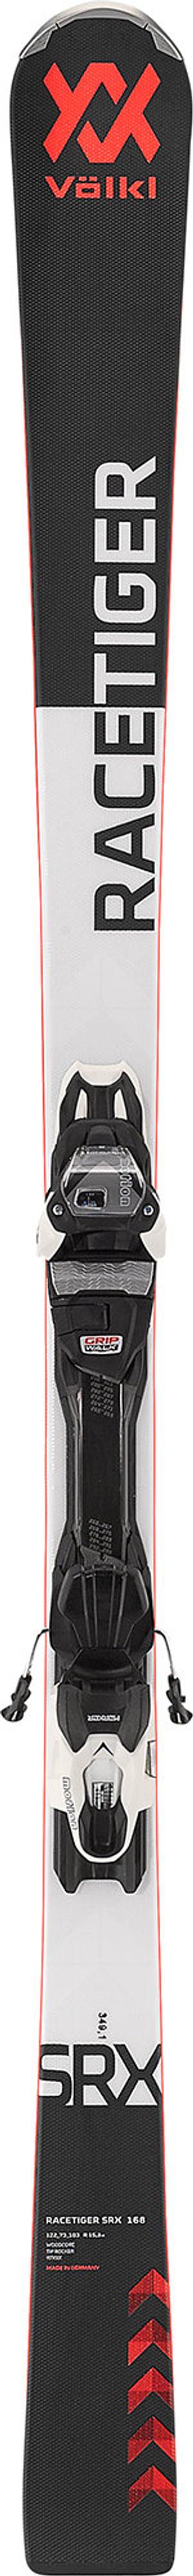 Racetiger SRX inkl. vMotion 11